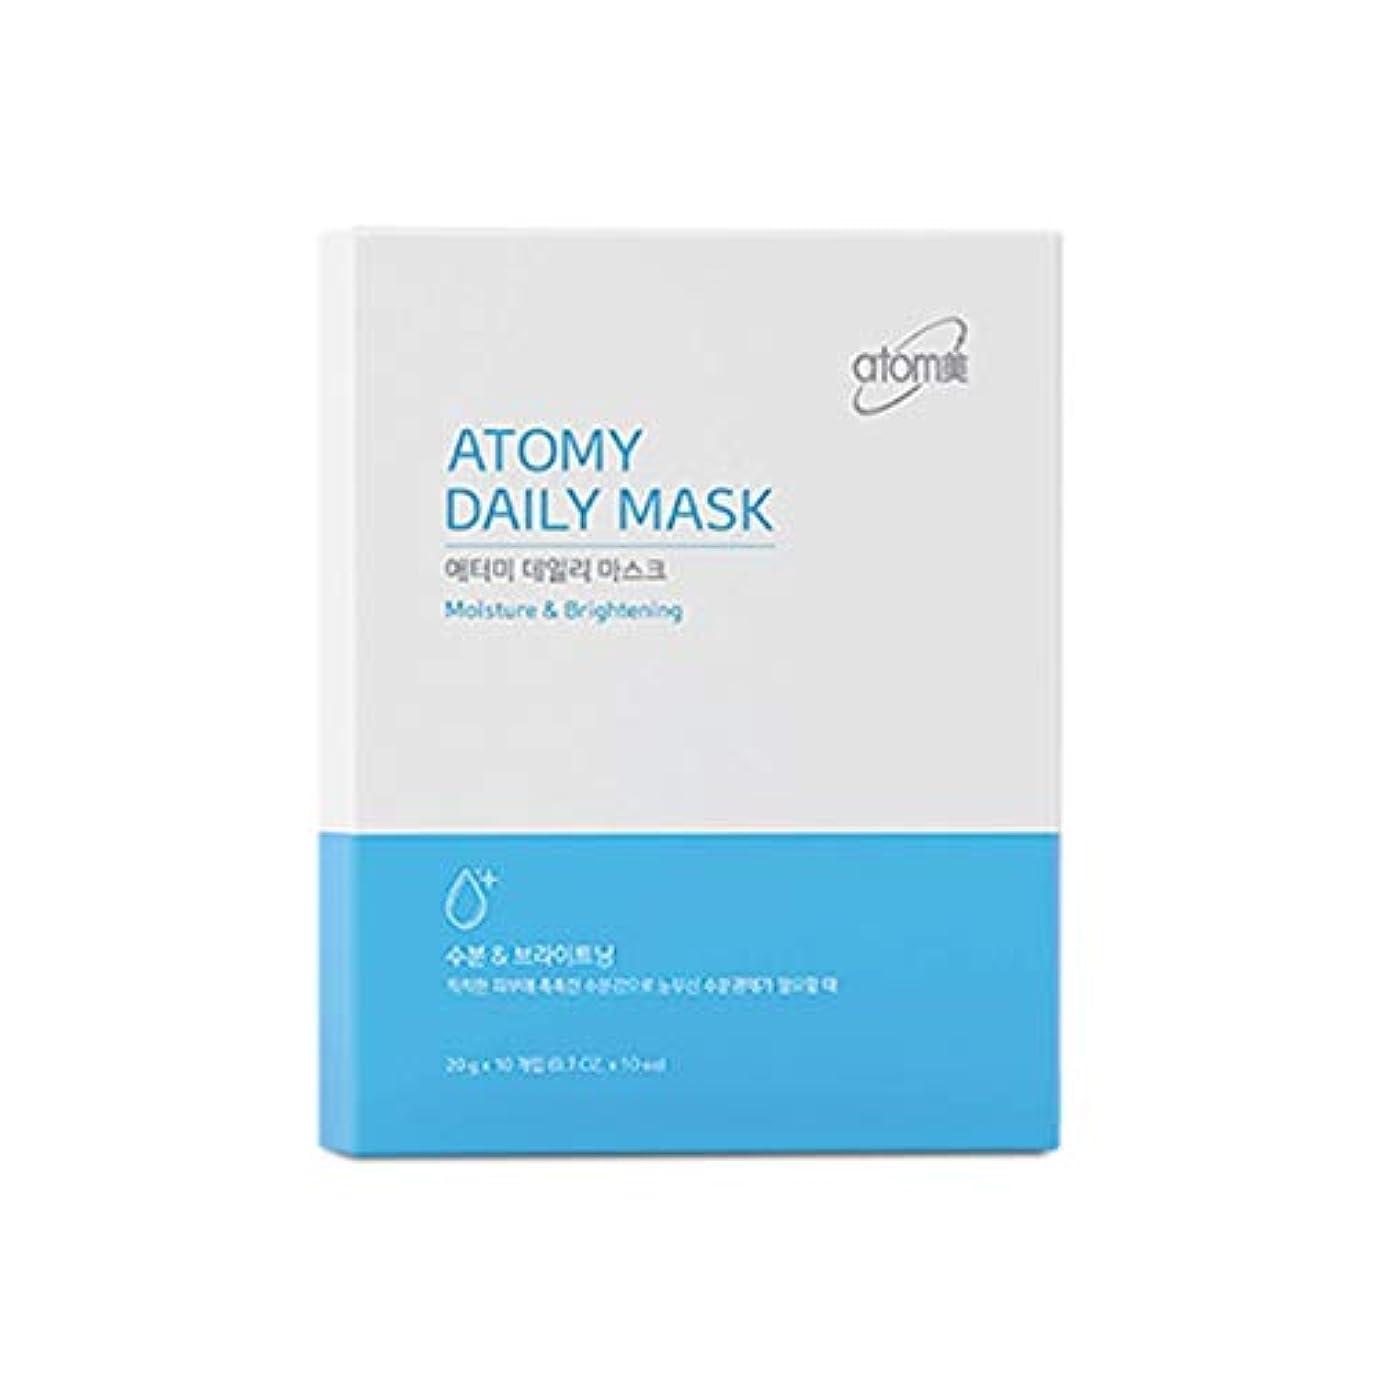 カレンダー縞模様の悲しいことに[NEW] Atomy Daily Mask Sheet 10 Pack- Moisture & Brightening アトミ 自然由来の成分と4つの特許成分マスクパック(並行輸入品)